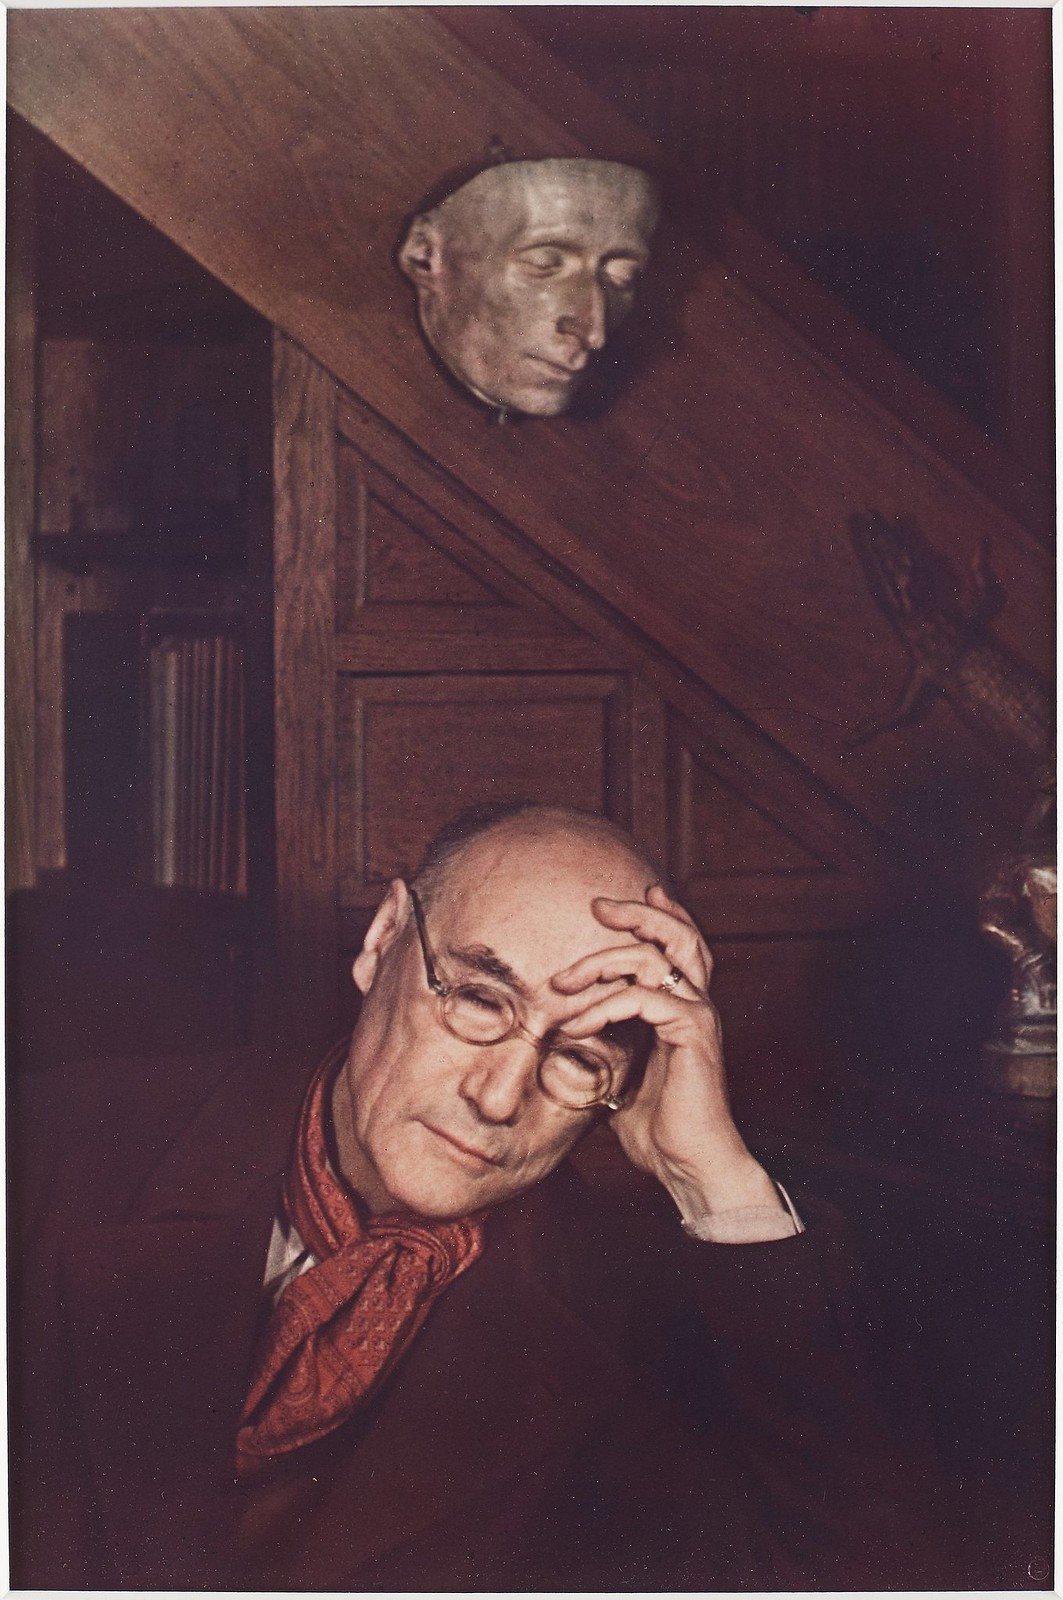 1939. Андре Жид (французский писатель, прозаик, драматург и эссеист, лауреат Нобелевской премии по литературе)